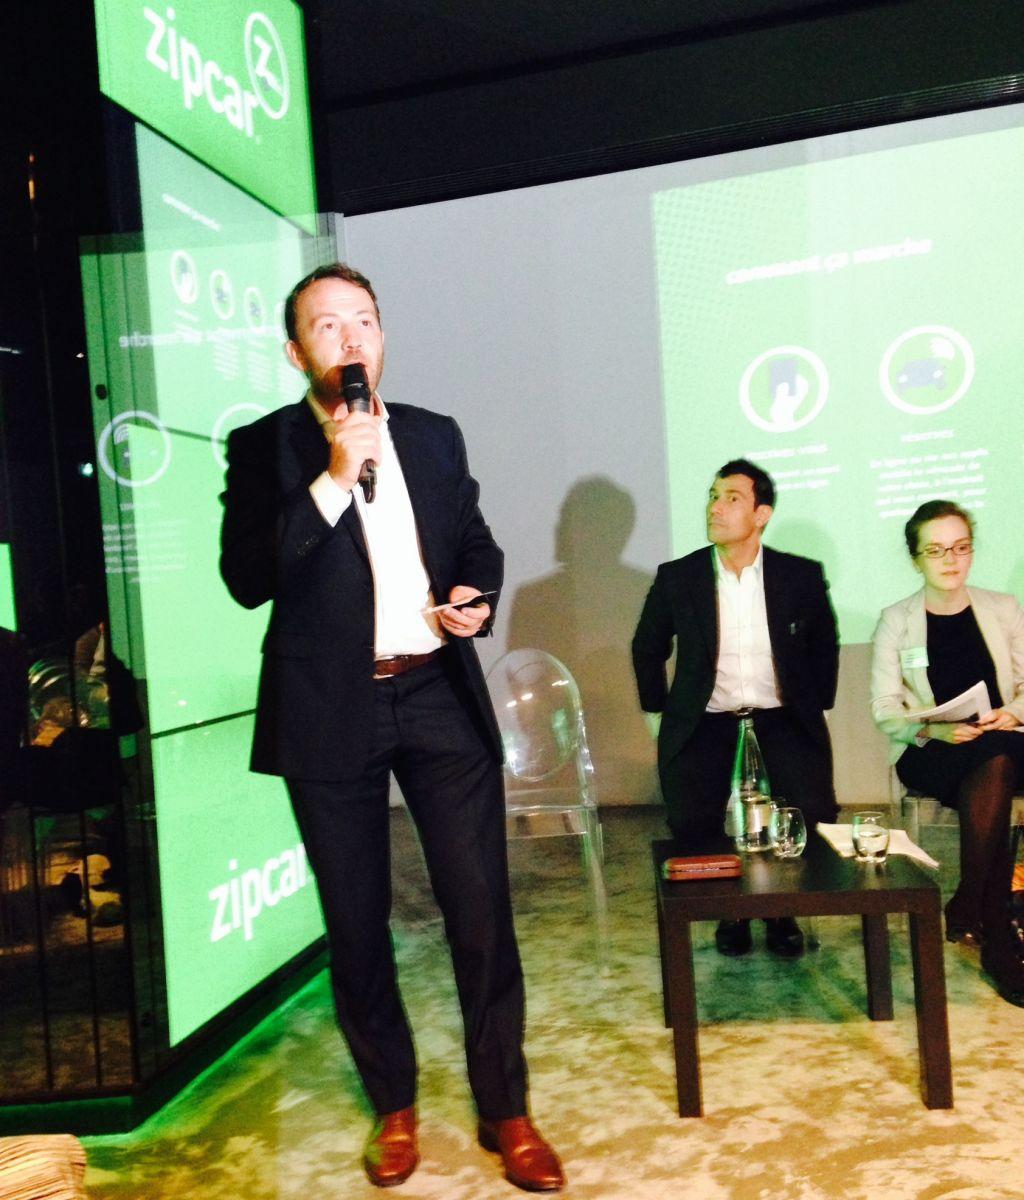 Etienne Hermite, Directeur général France, lors du lancement officiel de Zipcar à Paris le 16 septembre